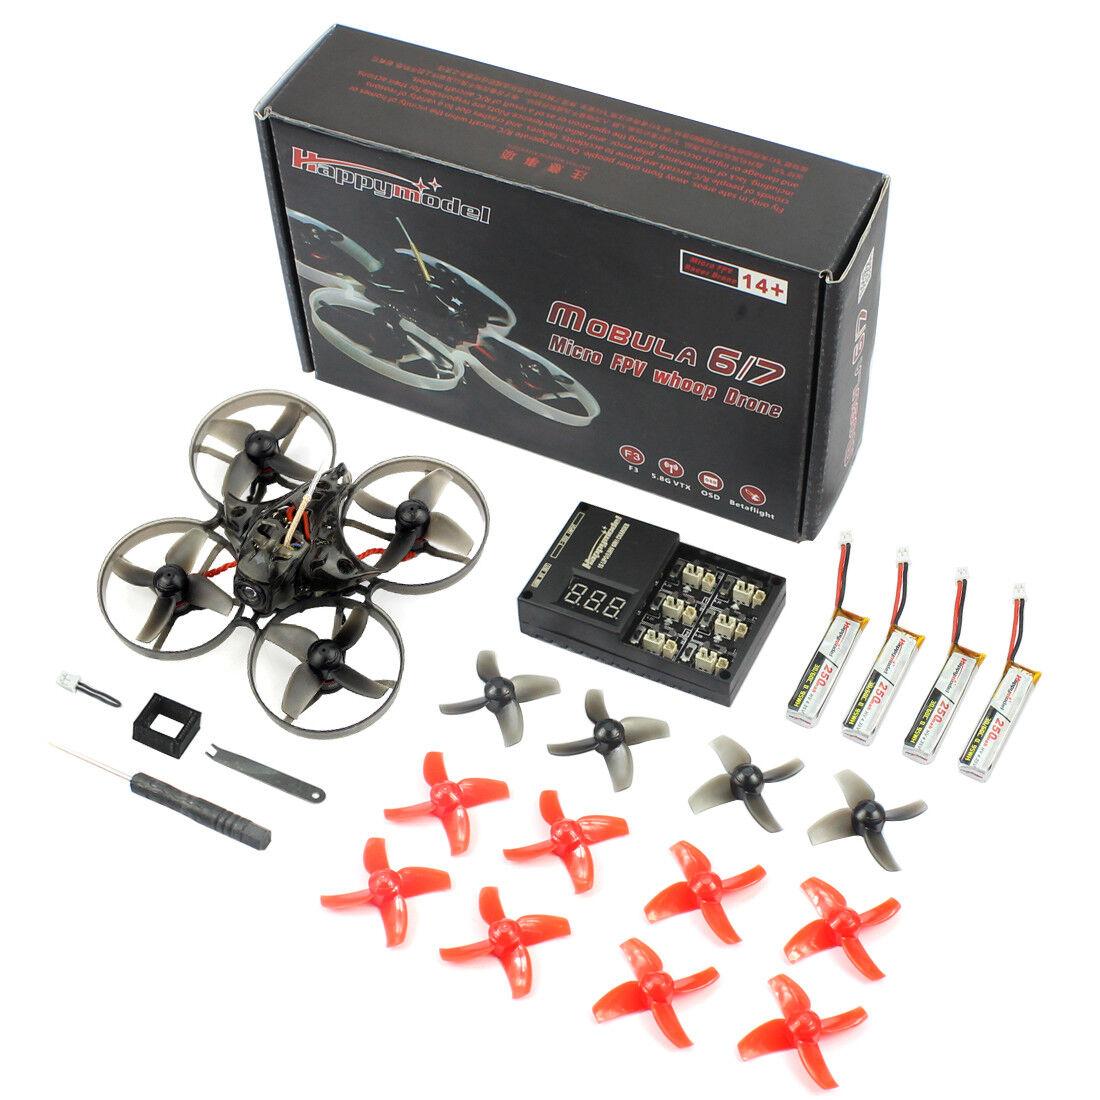 Happymodellolo Mobula7 FPV Racing  Drone Quad Crazybee F3 Pro 75mm BNF OSD FPVWhoop  qualità di prima classe